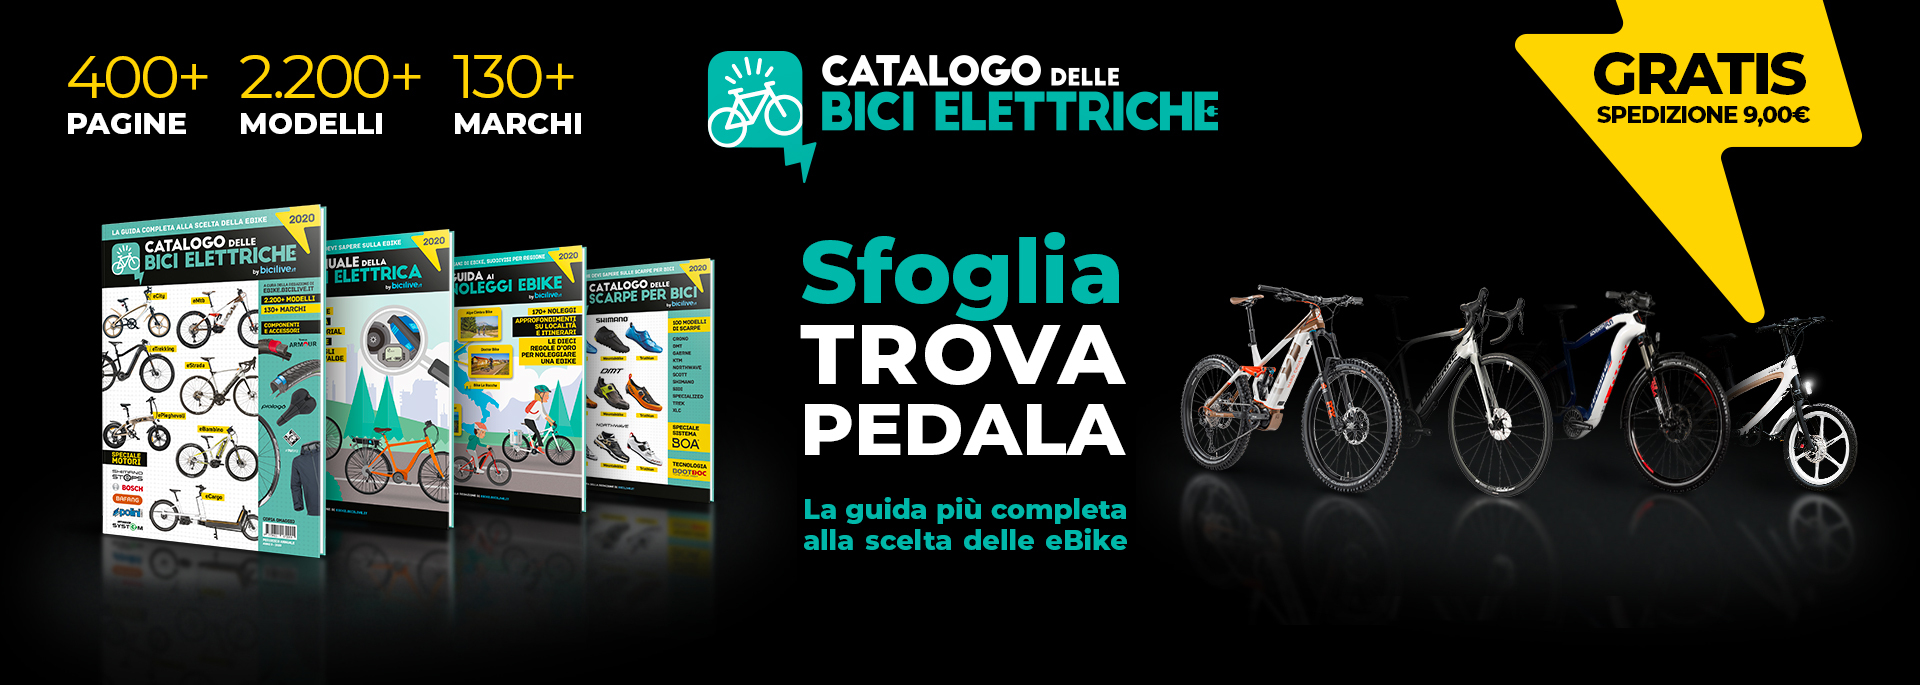 header_landingpage_spedizioni_catalogo_bici_elettriche_2020